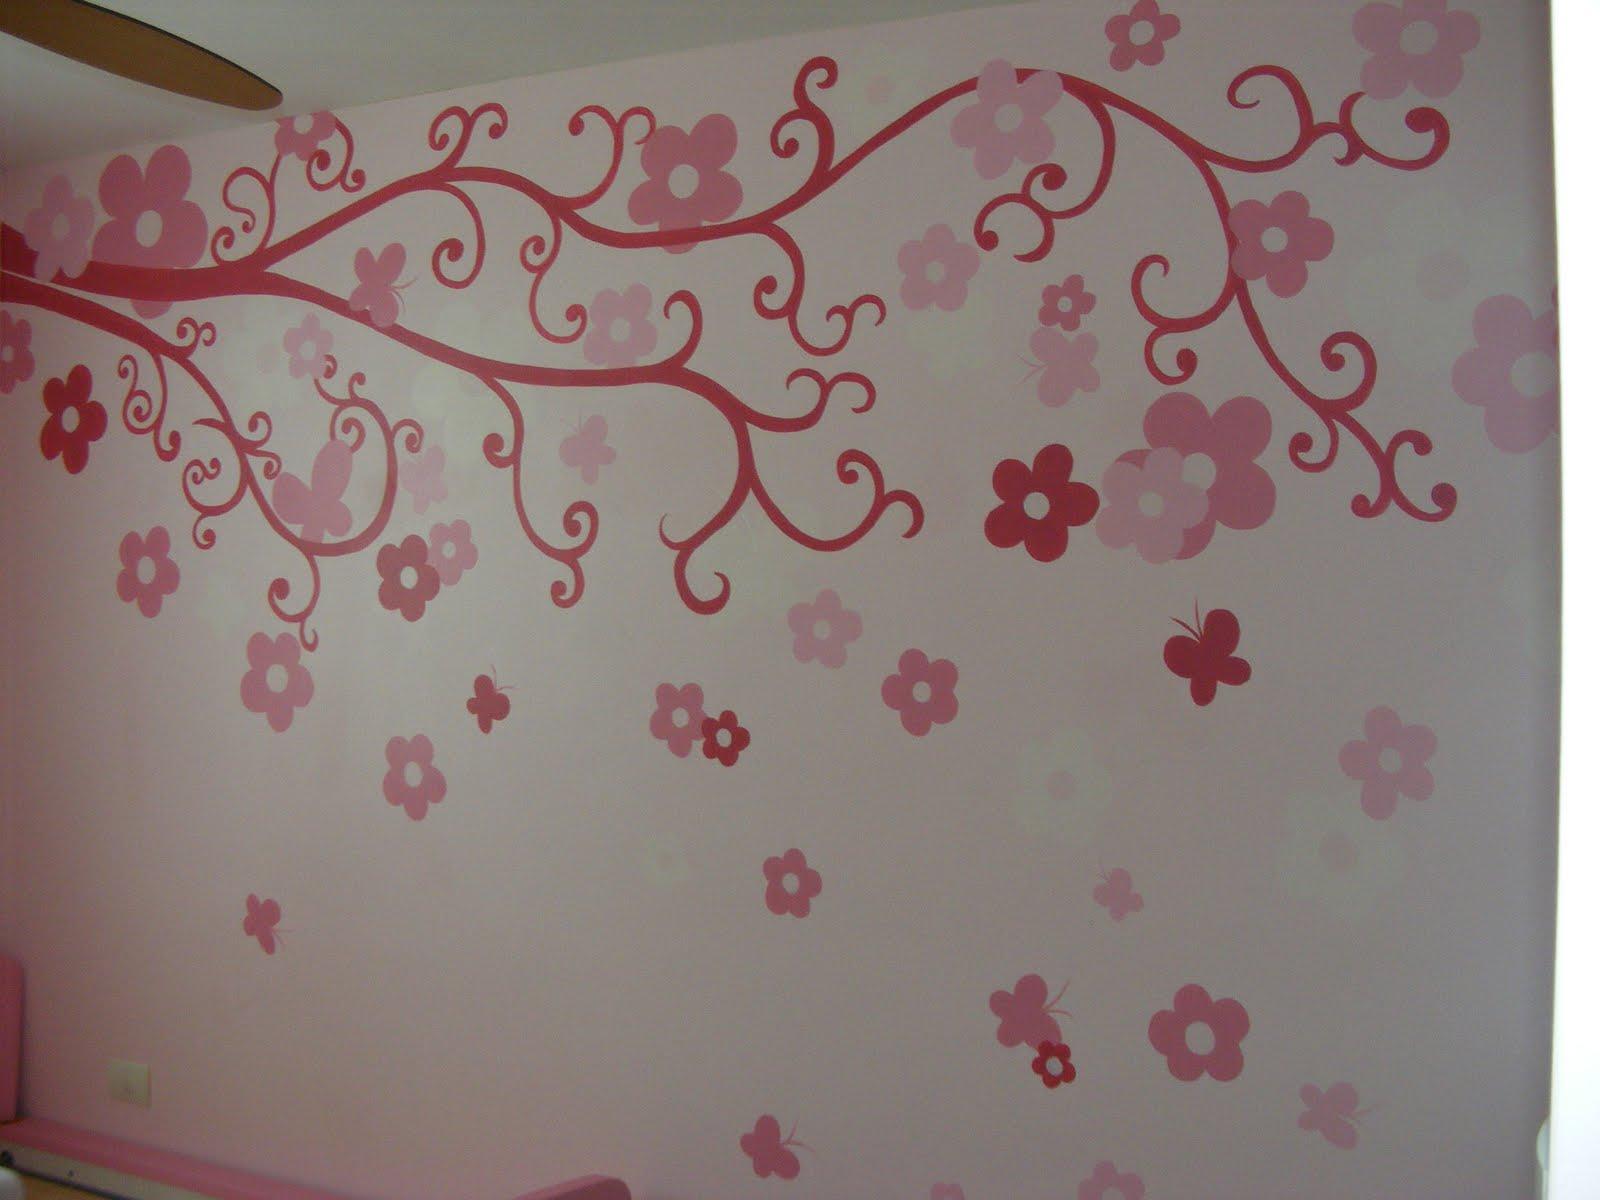 Murales infantiles 03 25 10 - Murales para ninas ...